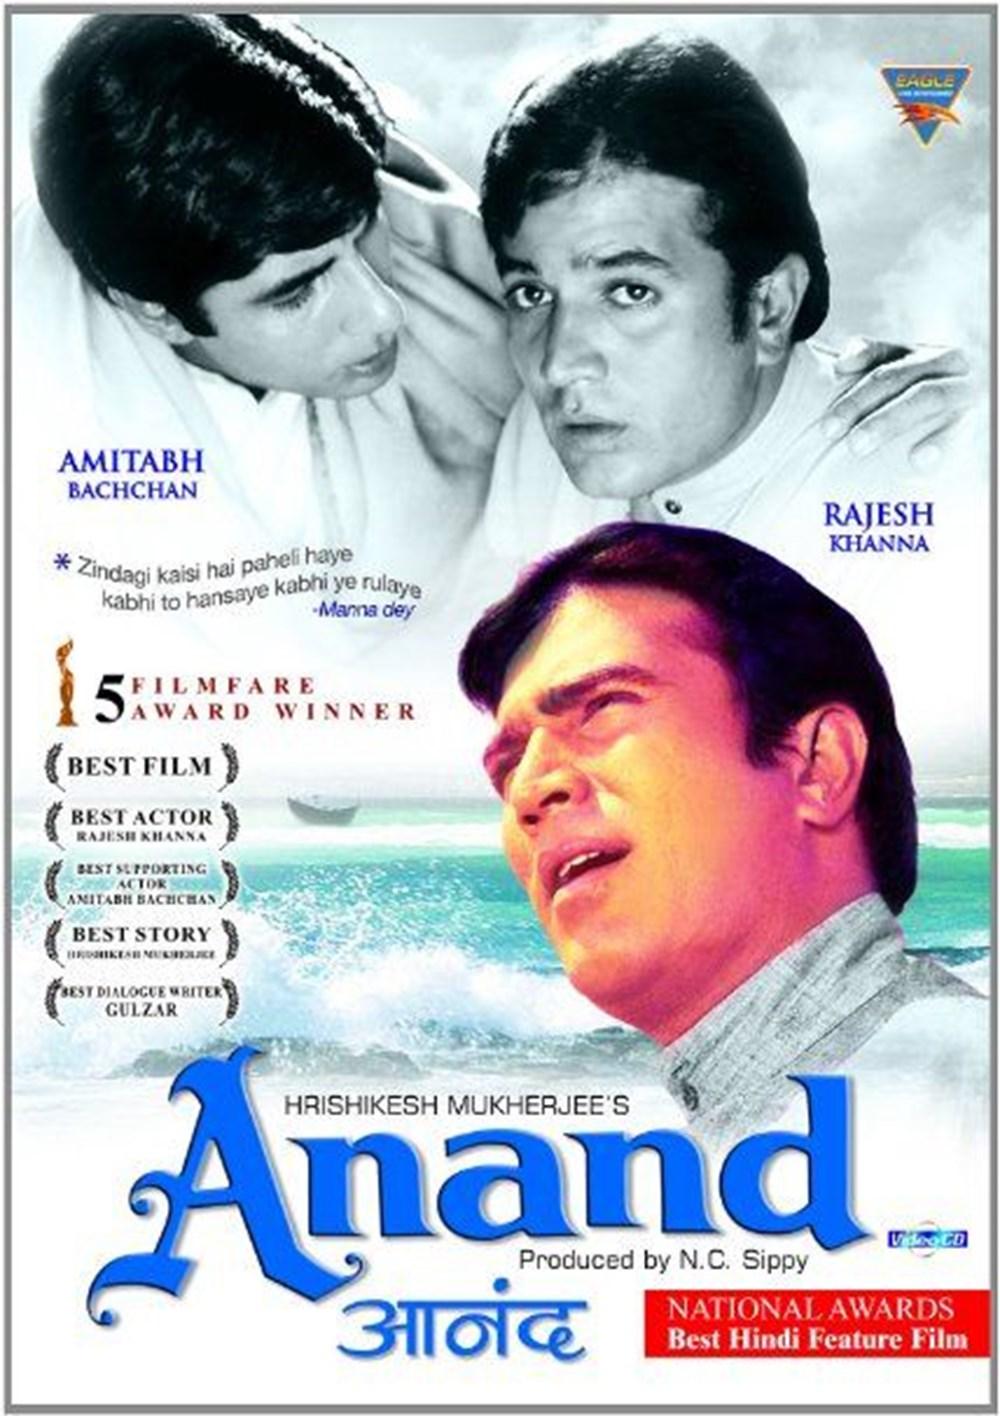 En iyi Hint filmleri - IMDb verileri (Bollywood sineması) - 46